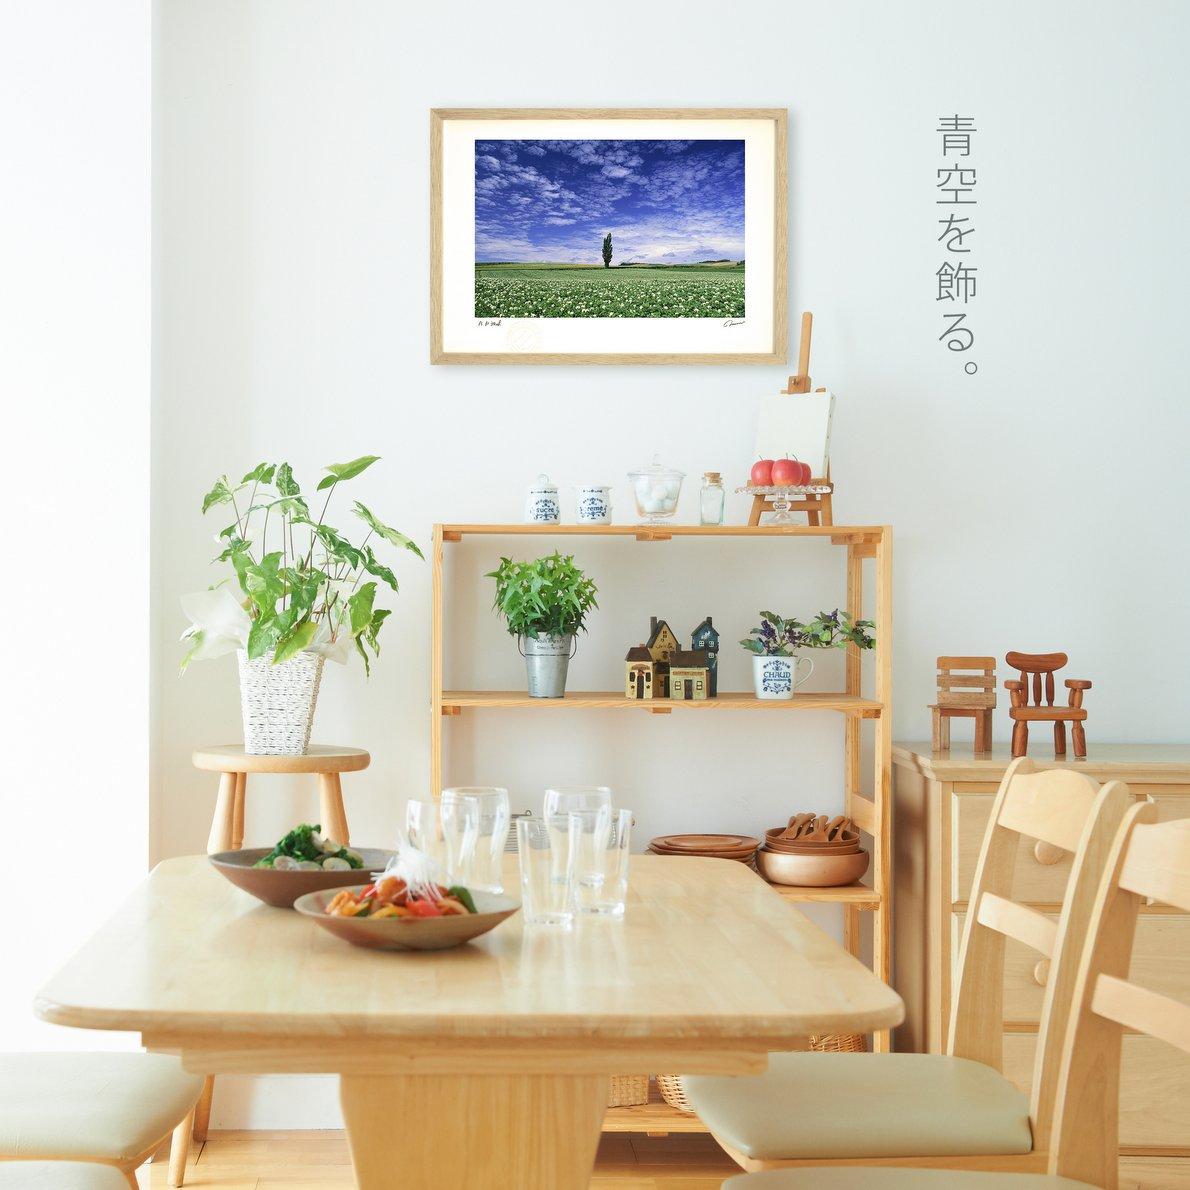 《アートフォト》新緑の日新ダム5/上富良野町〔富良野・高橋真澄〕(レンタル対象)